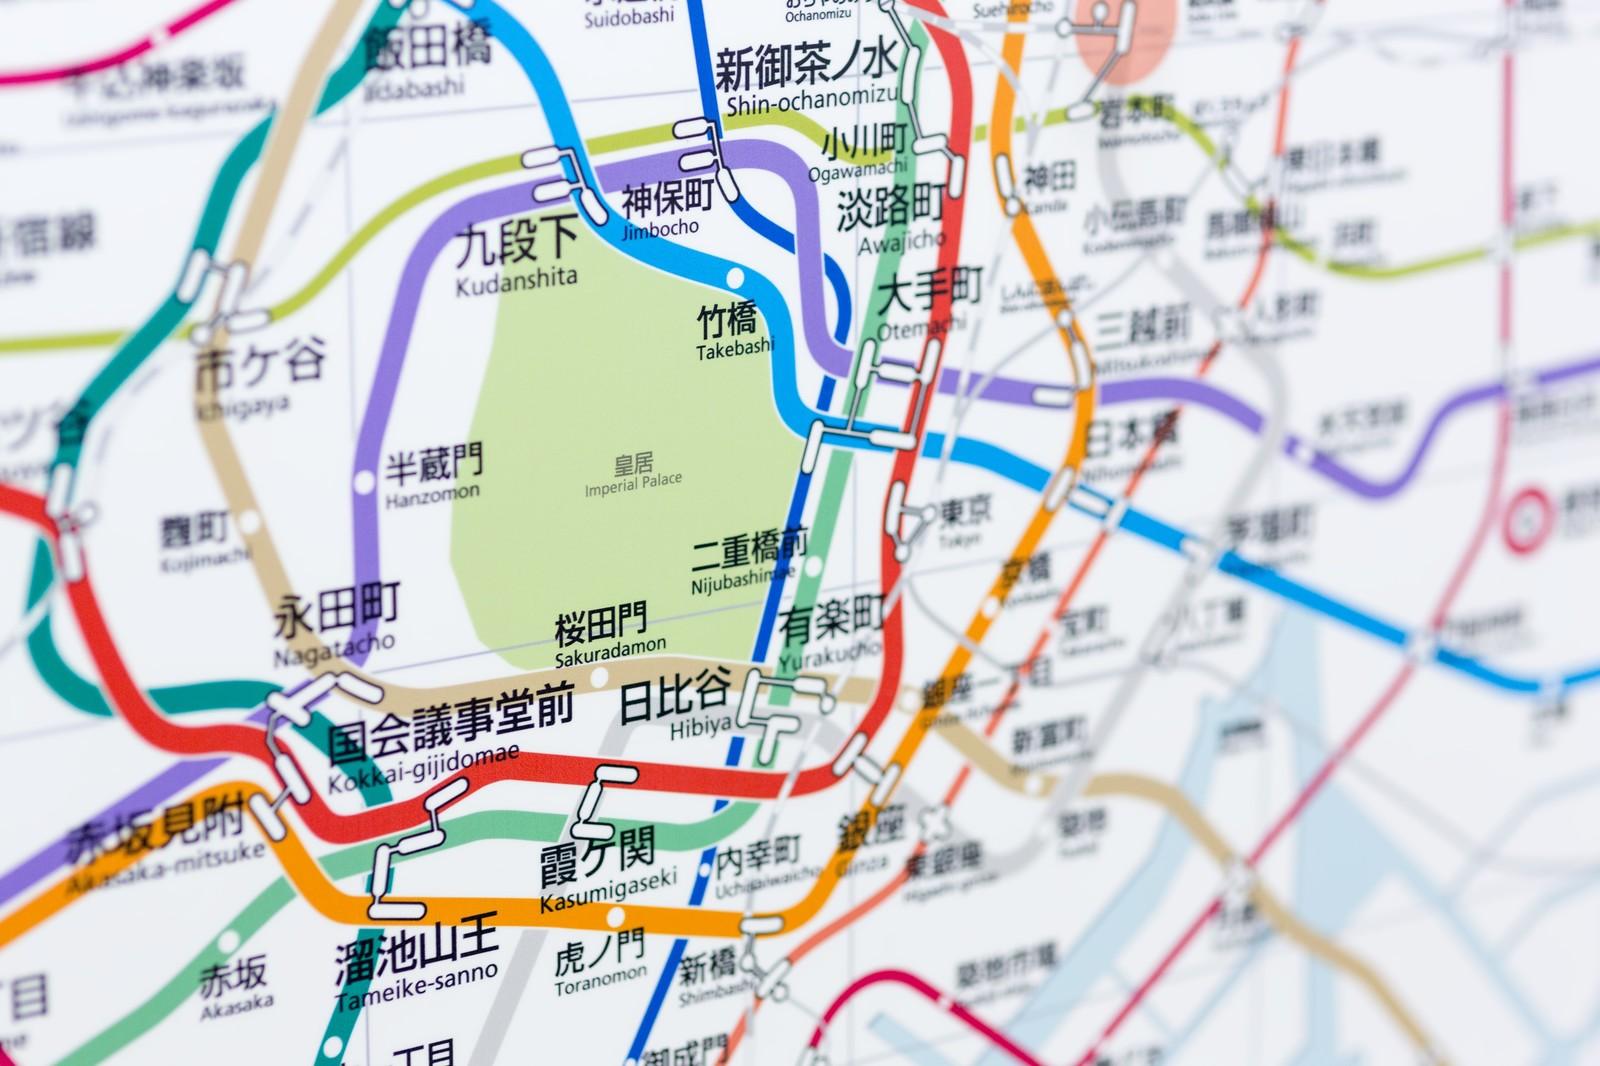 東京で利用できるおすすめの宅配クリーニング